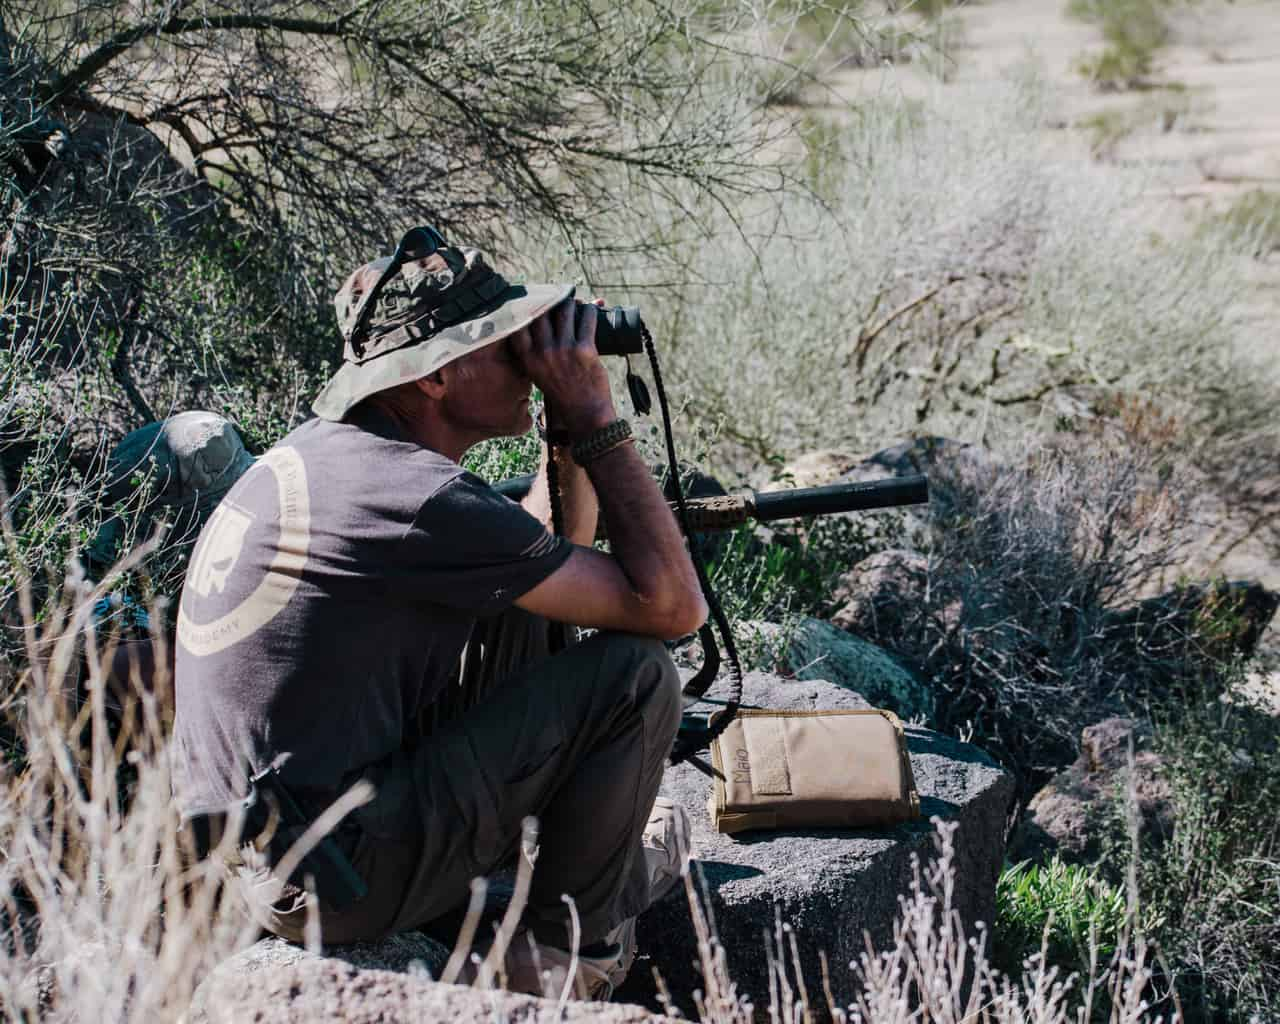 advanced-rural-sniper-course-16